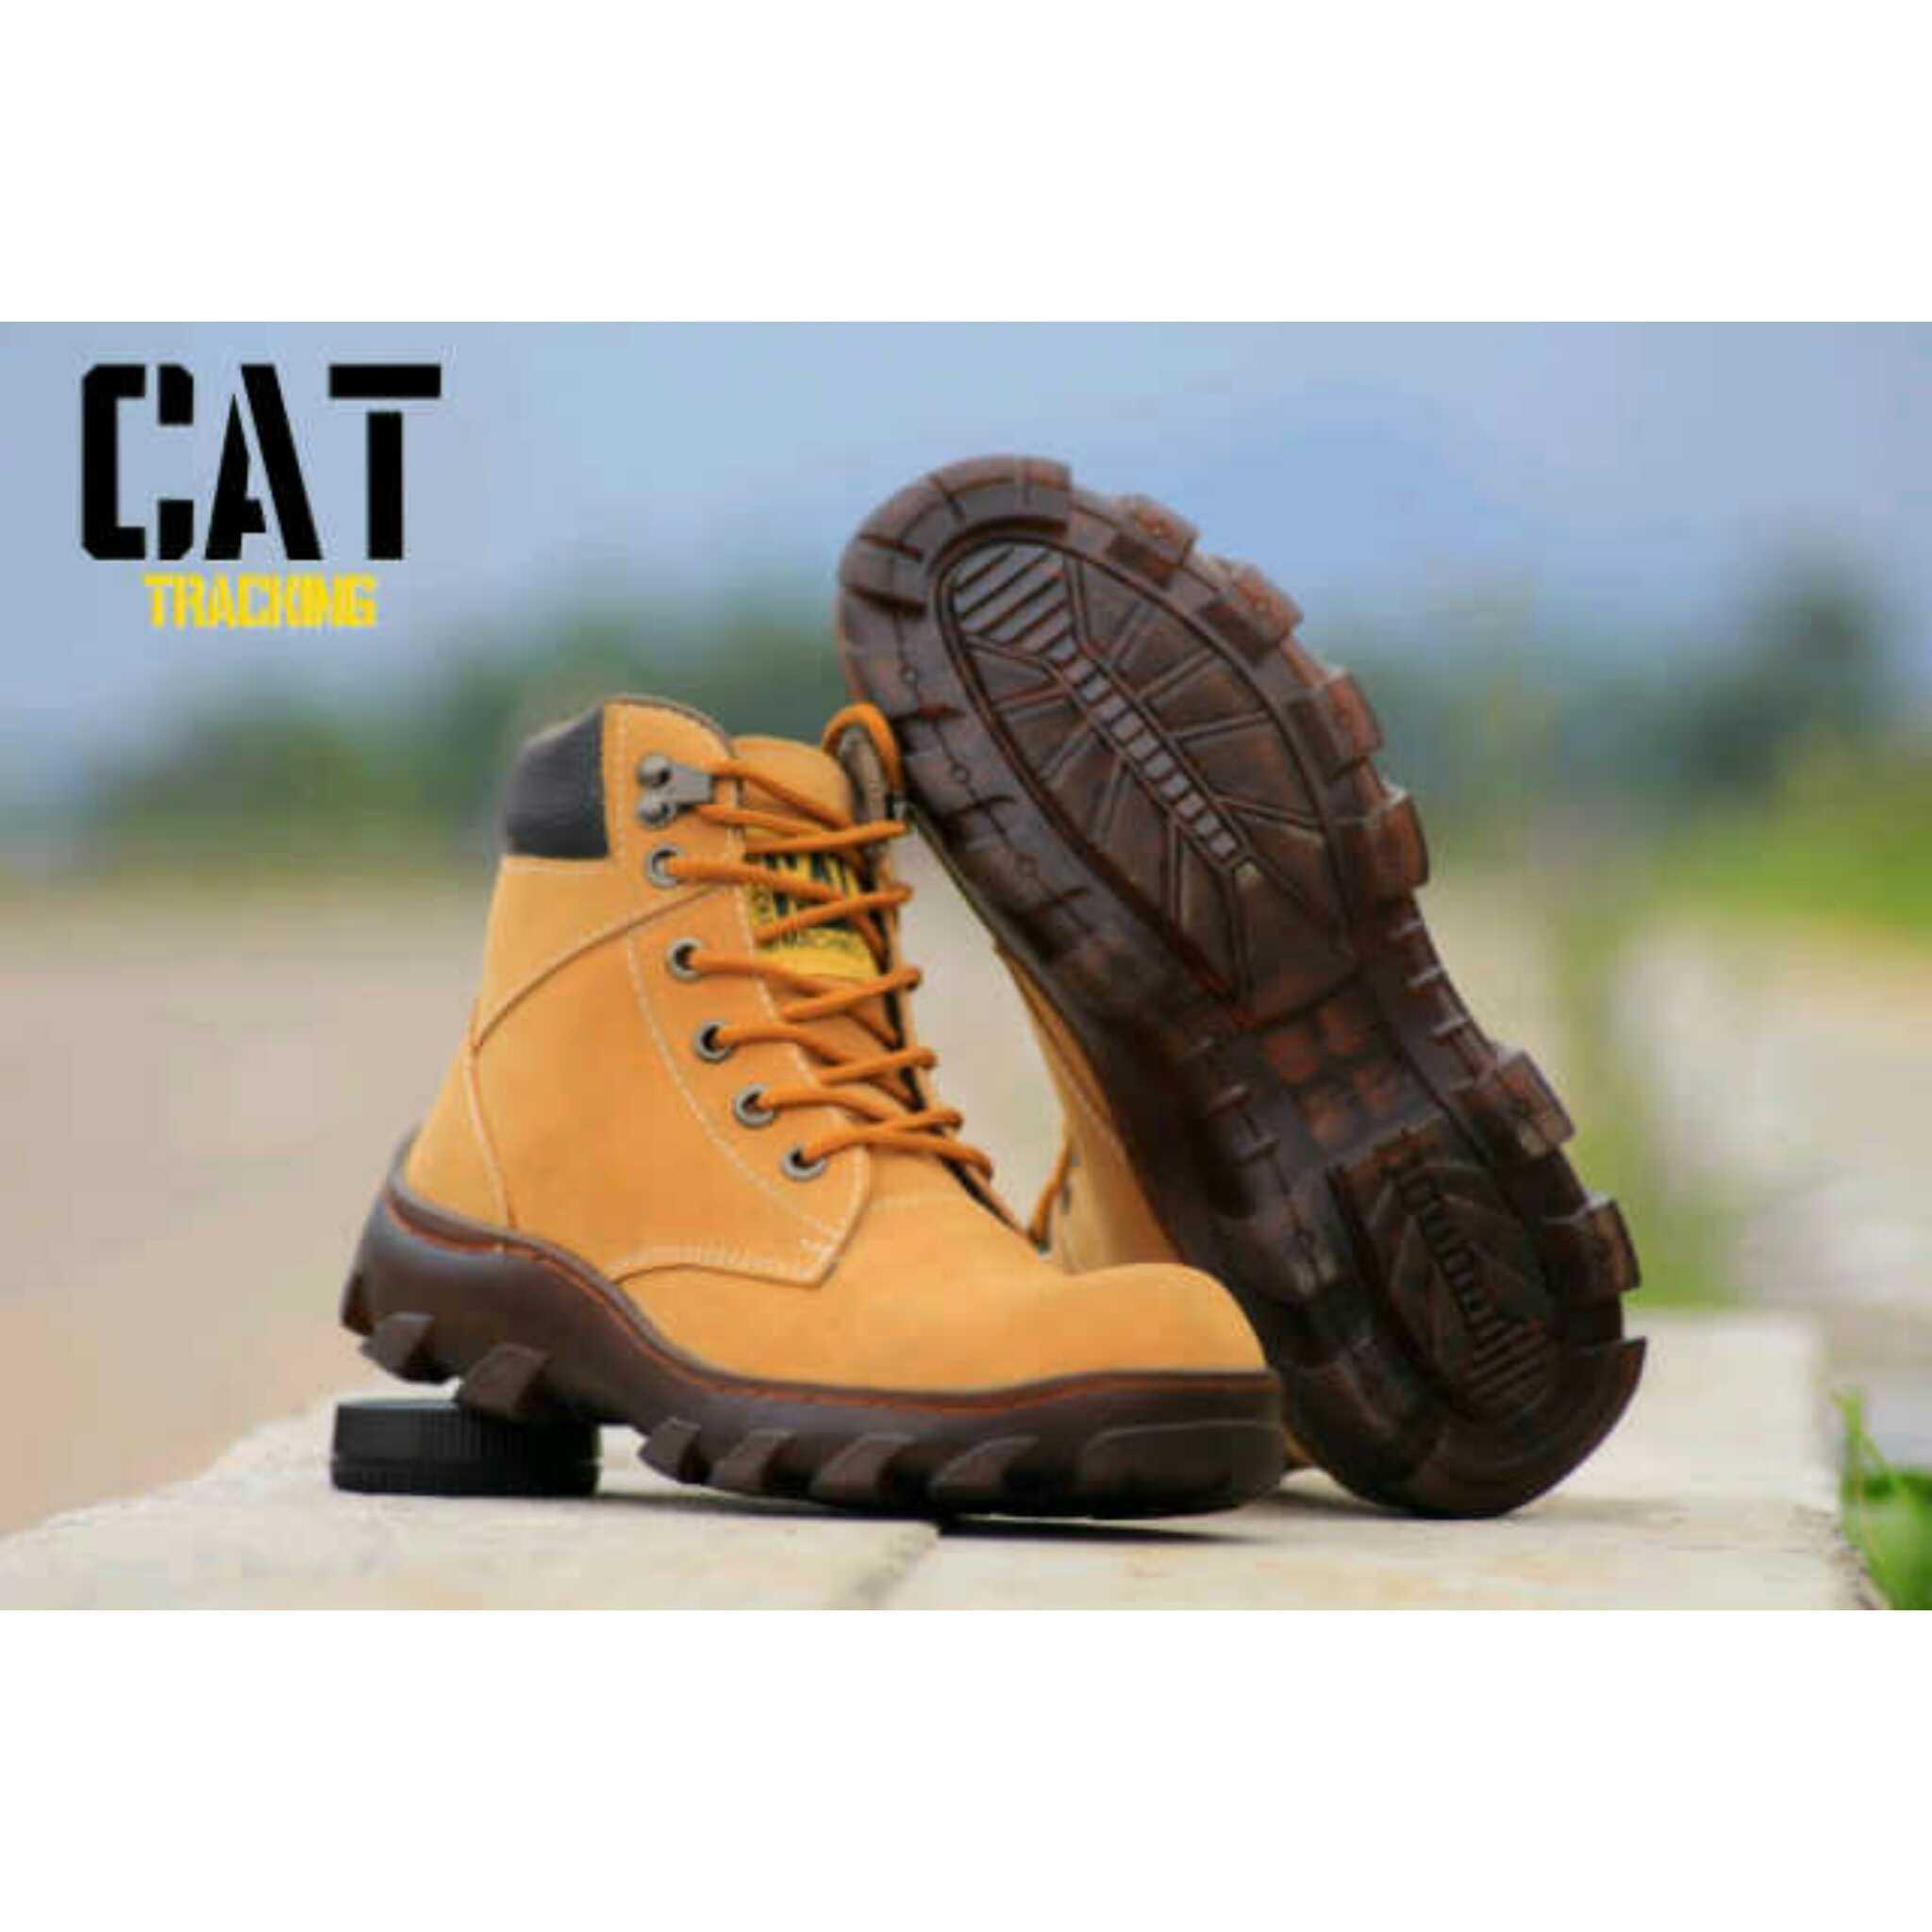 Jual Sepatu Caterpillar Sepatu Boot Pria Terbaru Sepatu Kulit 9db8d88f00